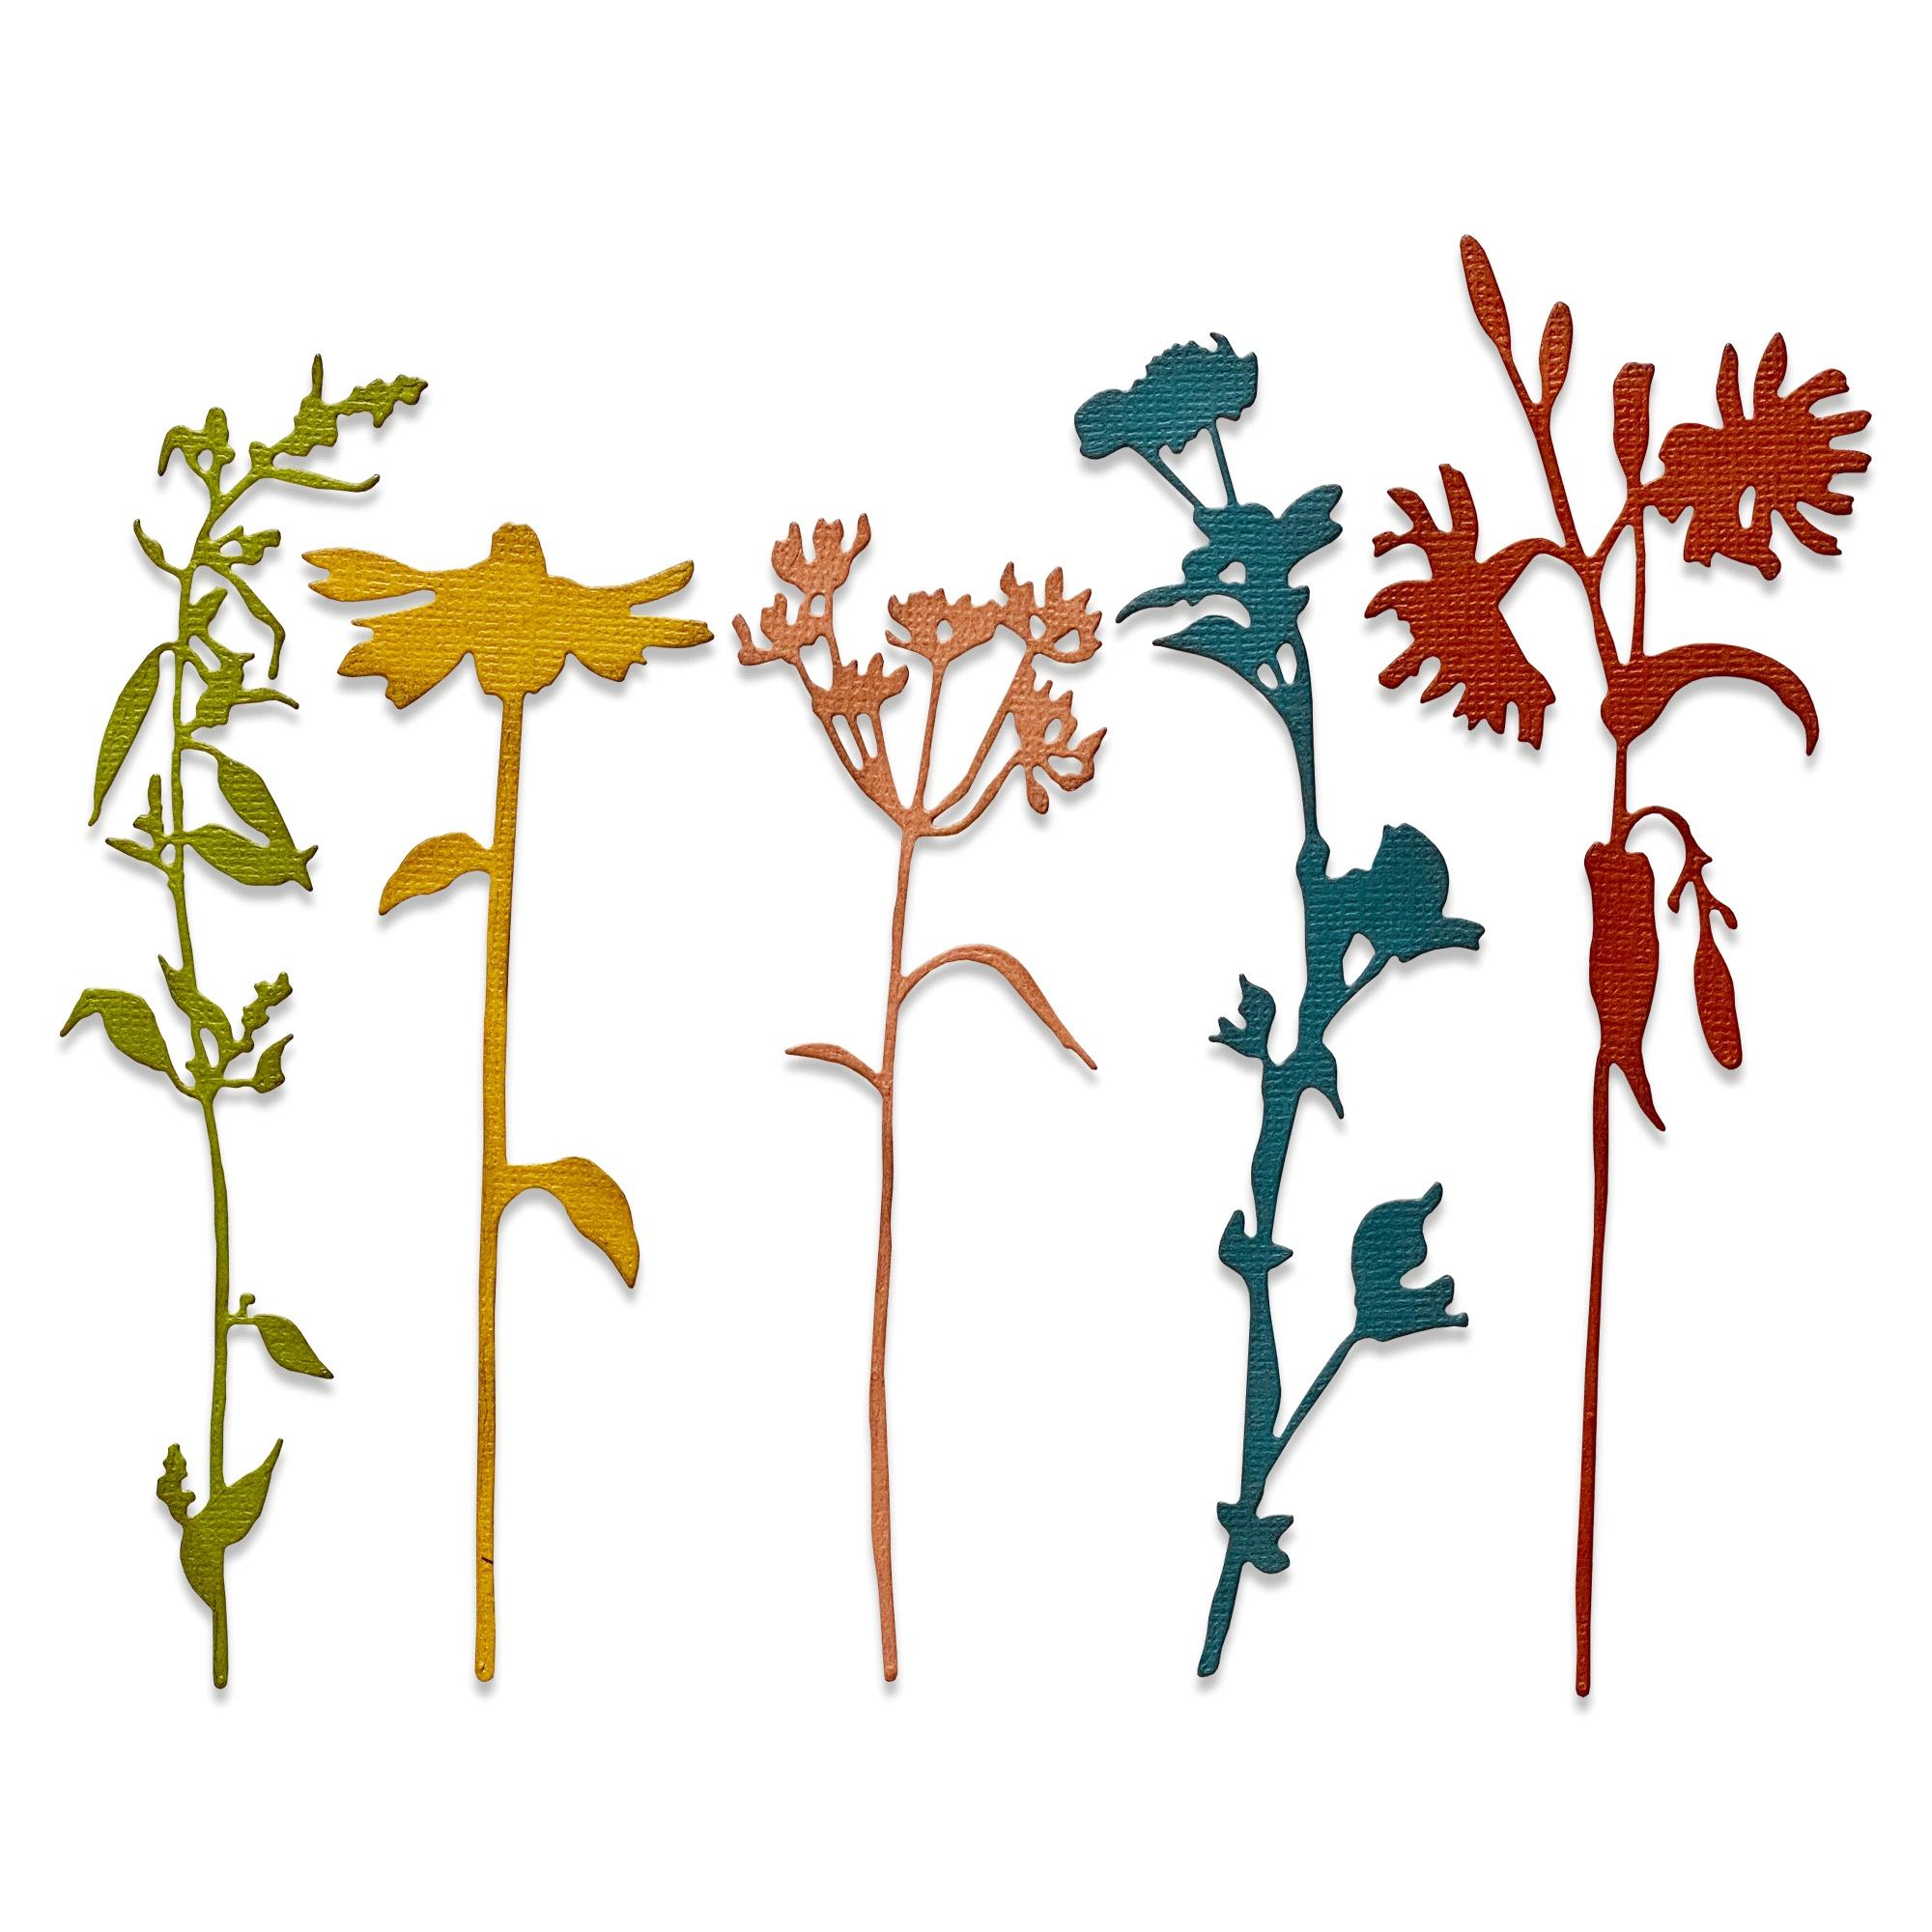 Sizzix Thinlits Dies By Tim Holtz 5/Pkg-Wildflower Stems #3